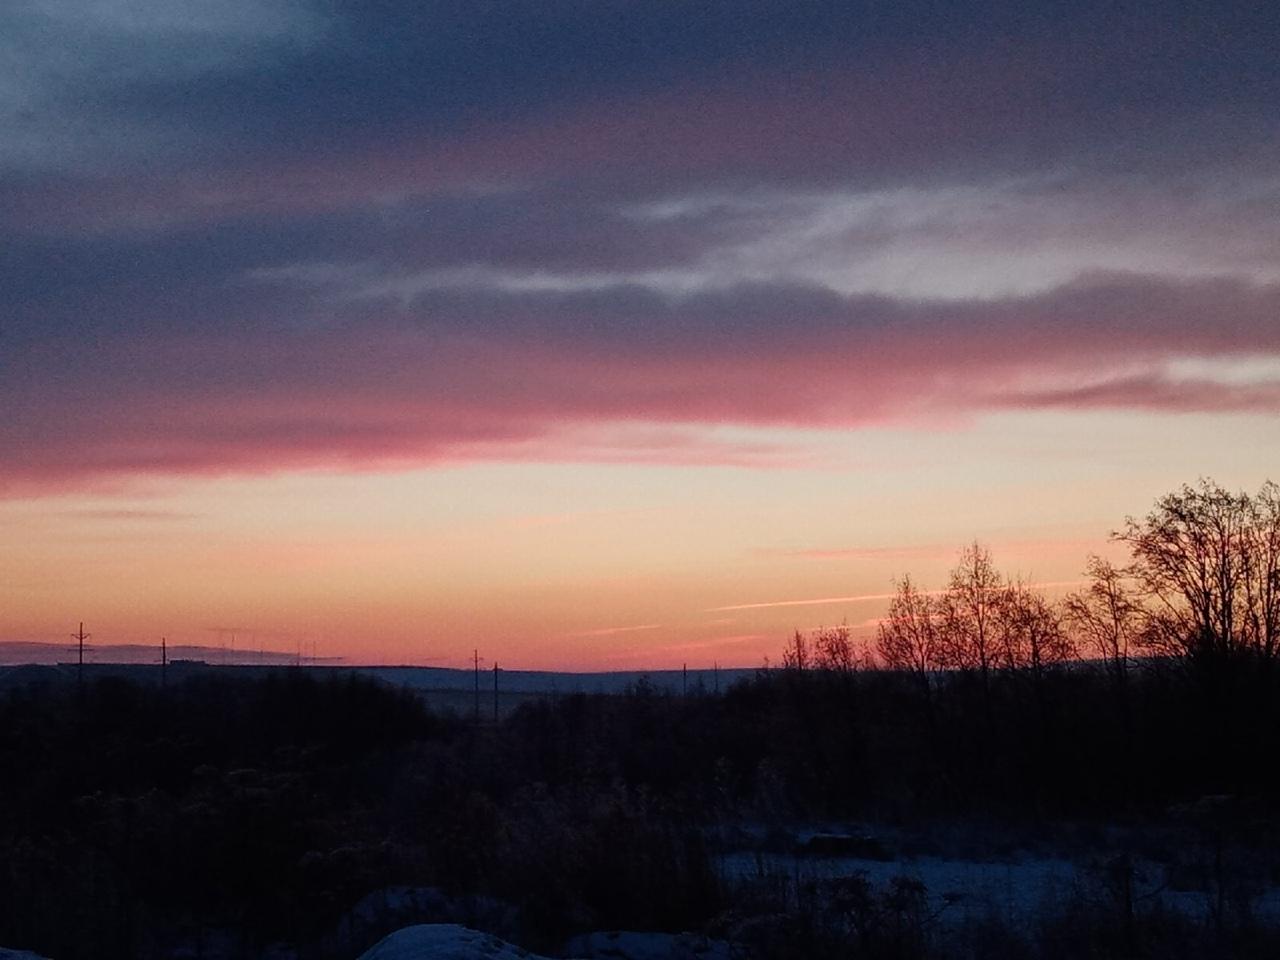 Здесь солнце только начинает вставать, поэтому небо частично фиолетового цвета